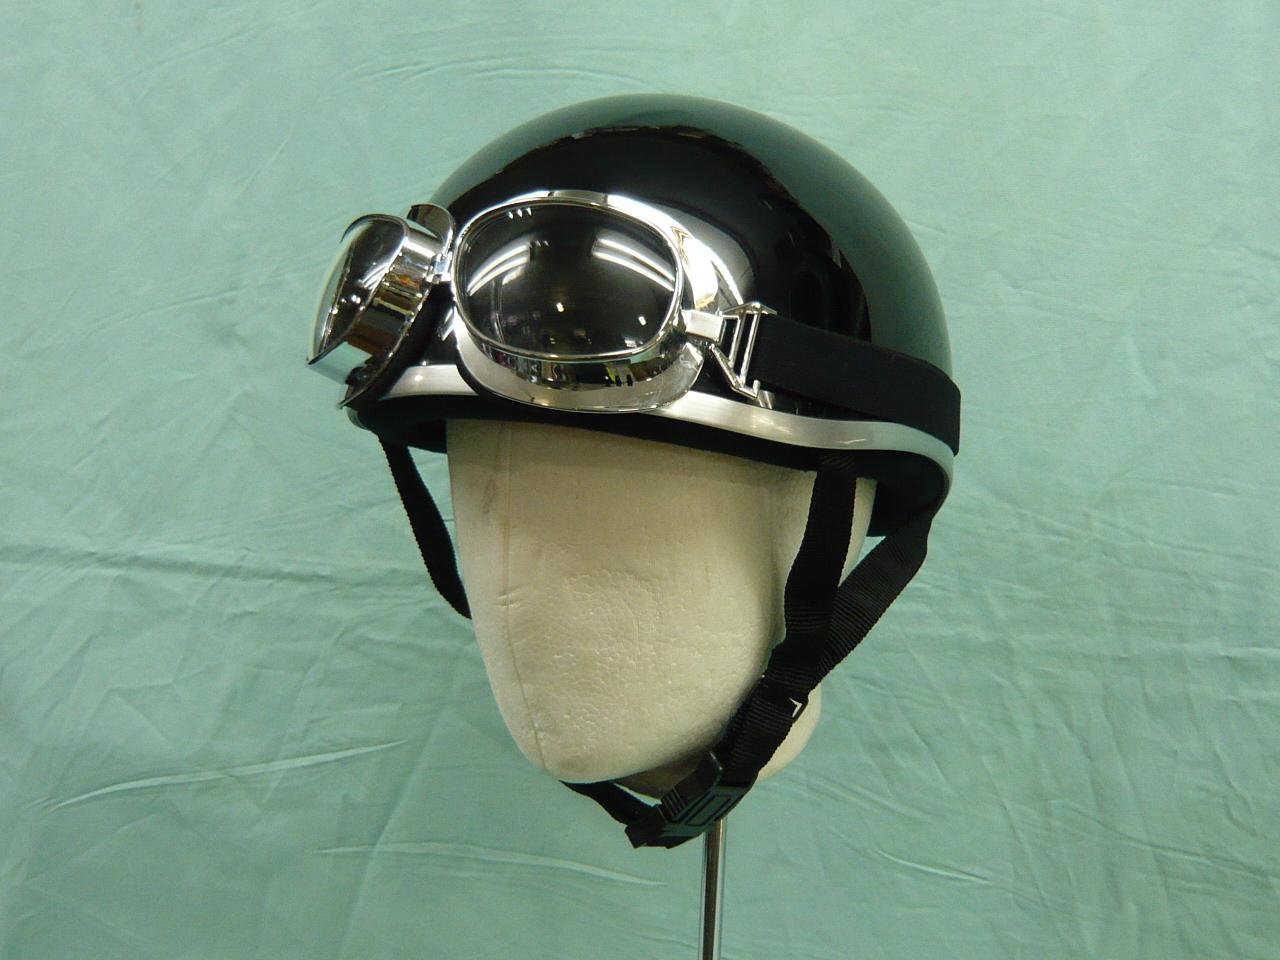 ニューモデル ハーフタイプ 半キャップに付けるだけでヘルメットがグンと格好良くなる ファッションゴーグルビンテージルック004 手軽でオシャレな便利アイテム 価格 交渉 送料無料 高い素材